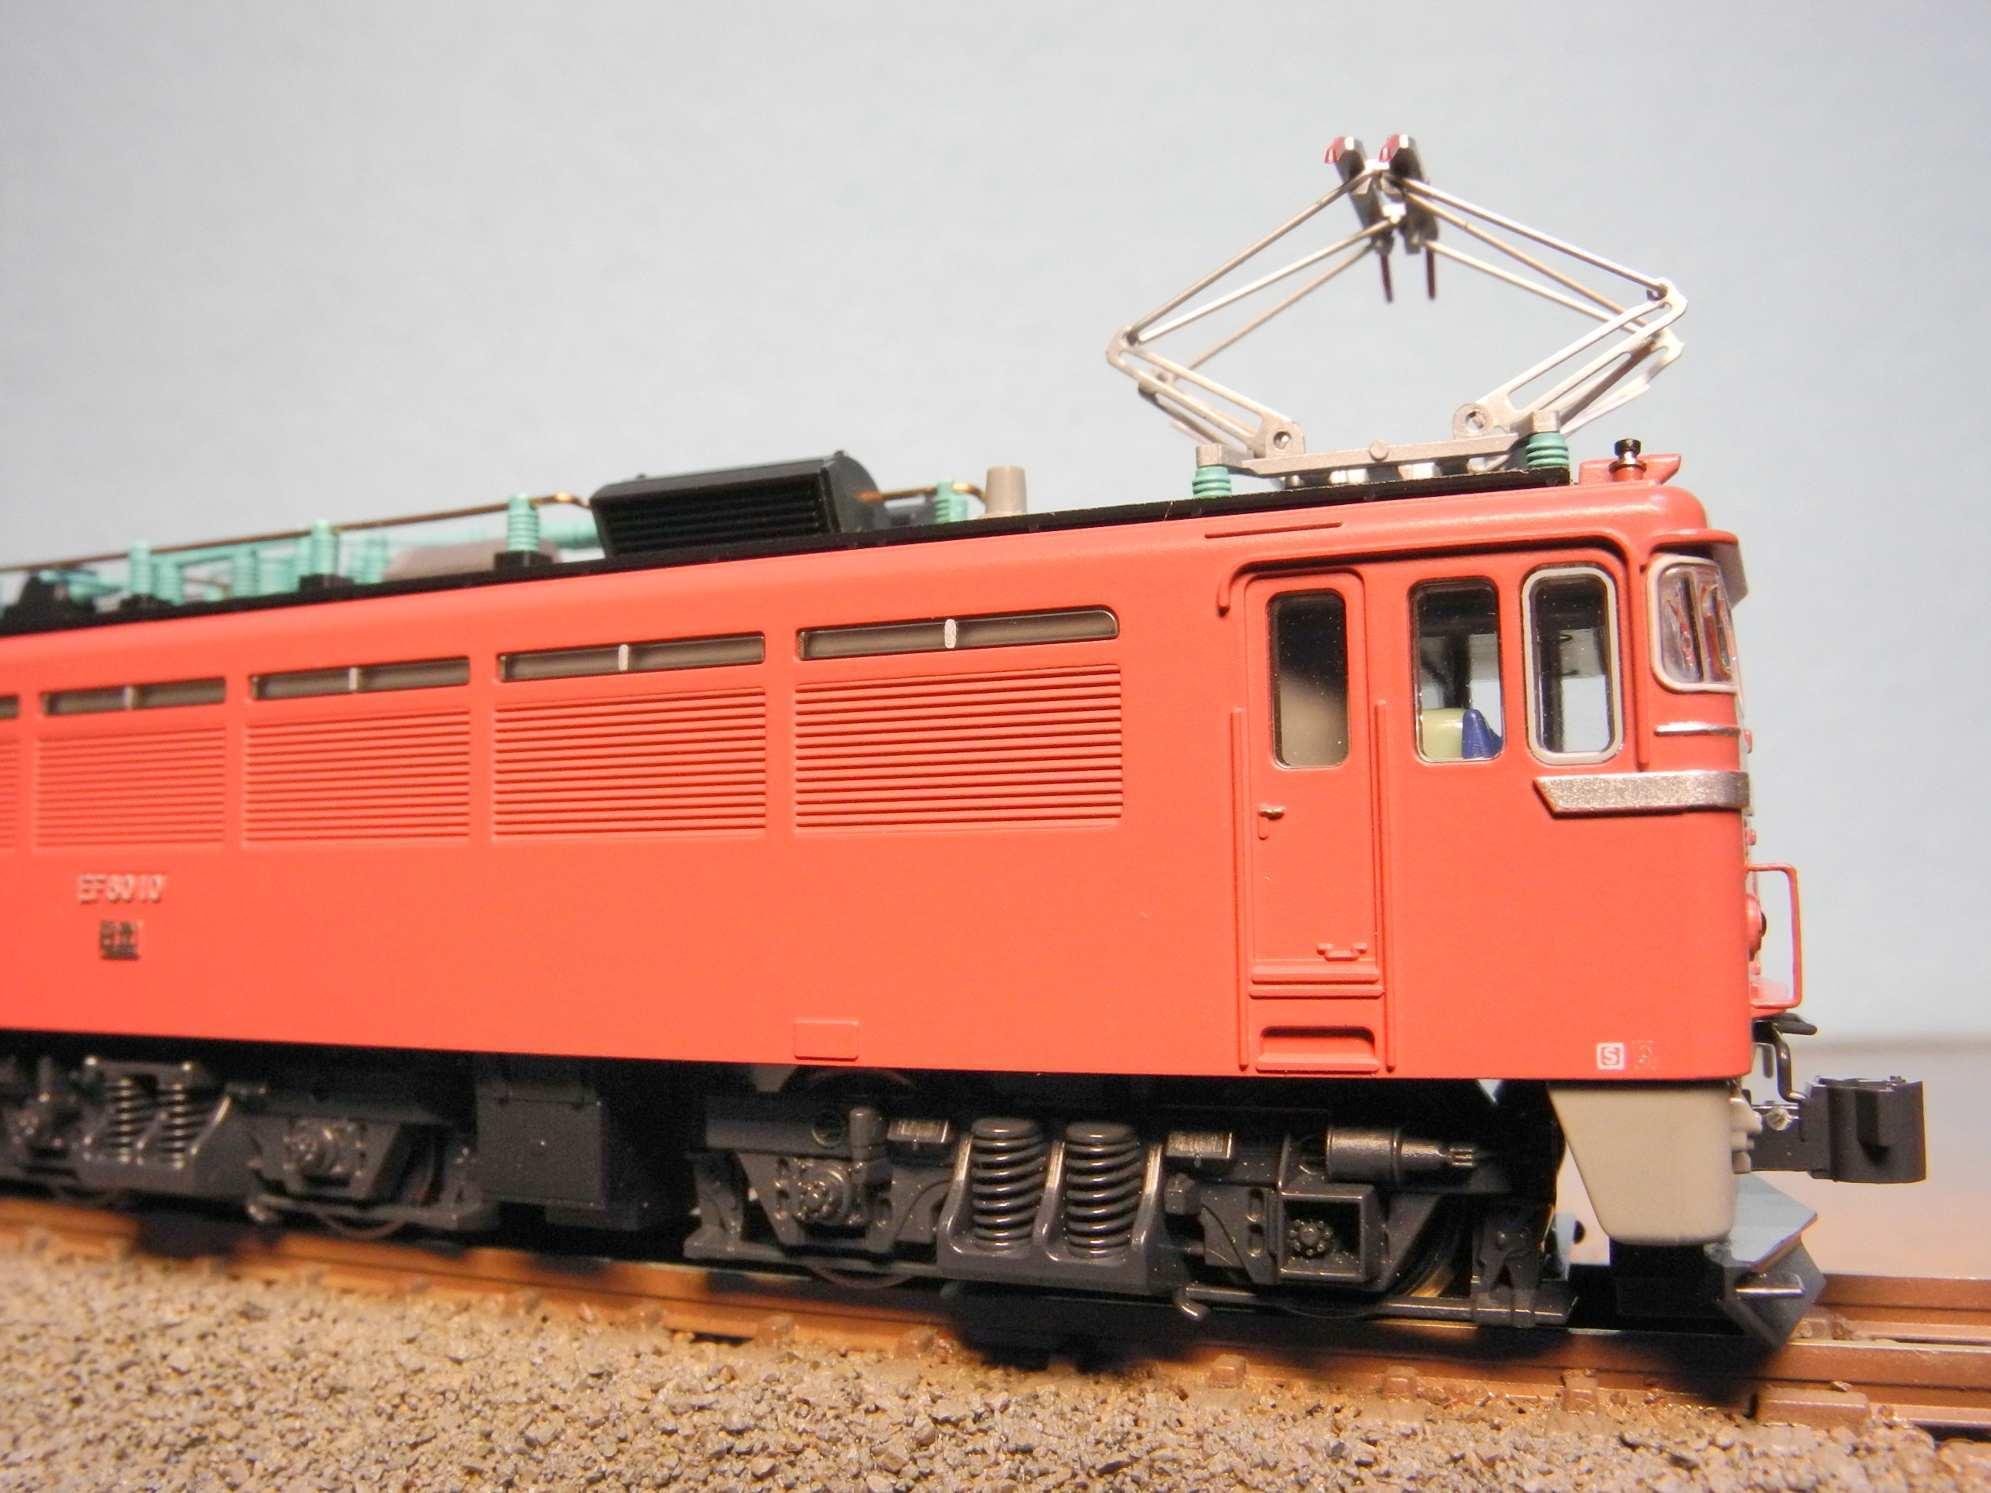 DSCN9654-1.jpg